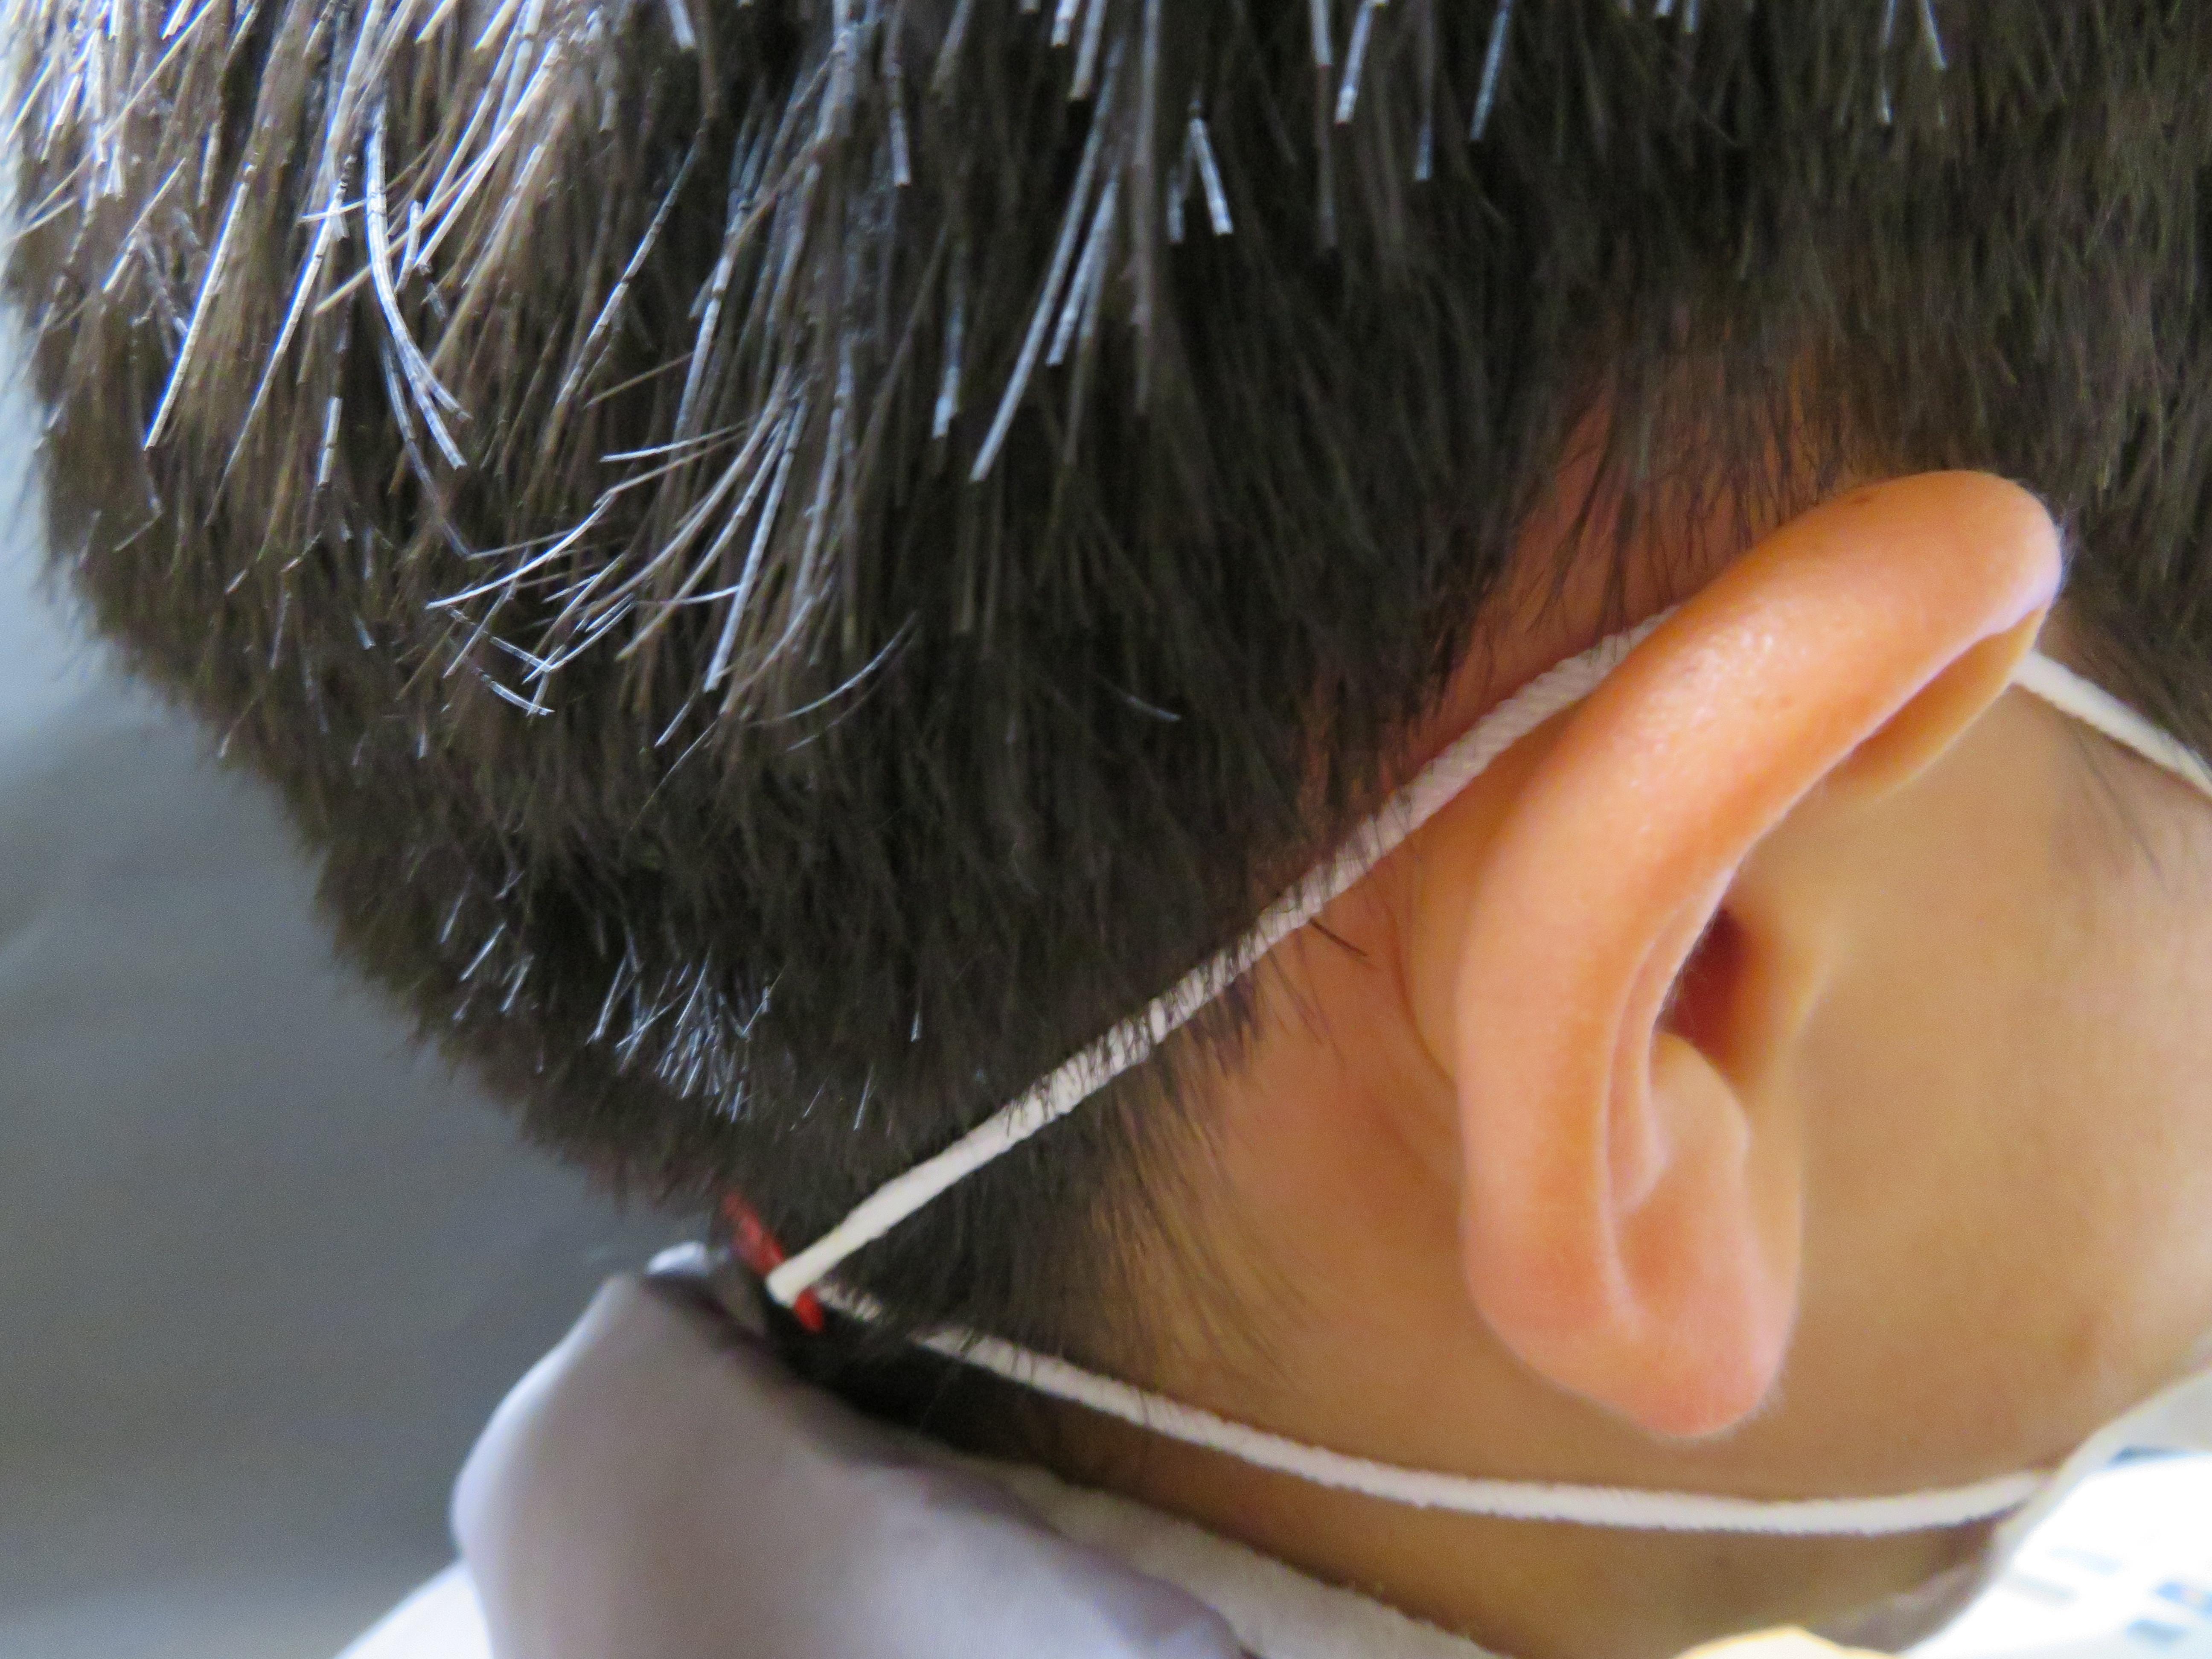 後ろ 痛い の 耳 が